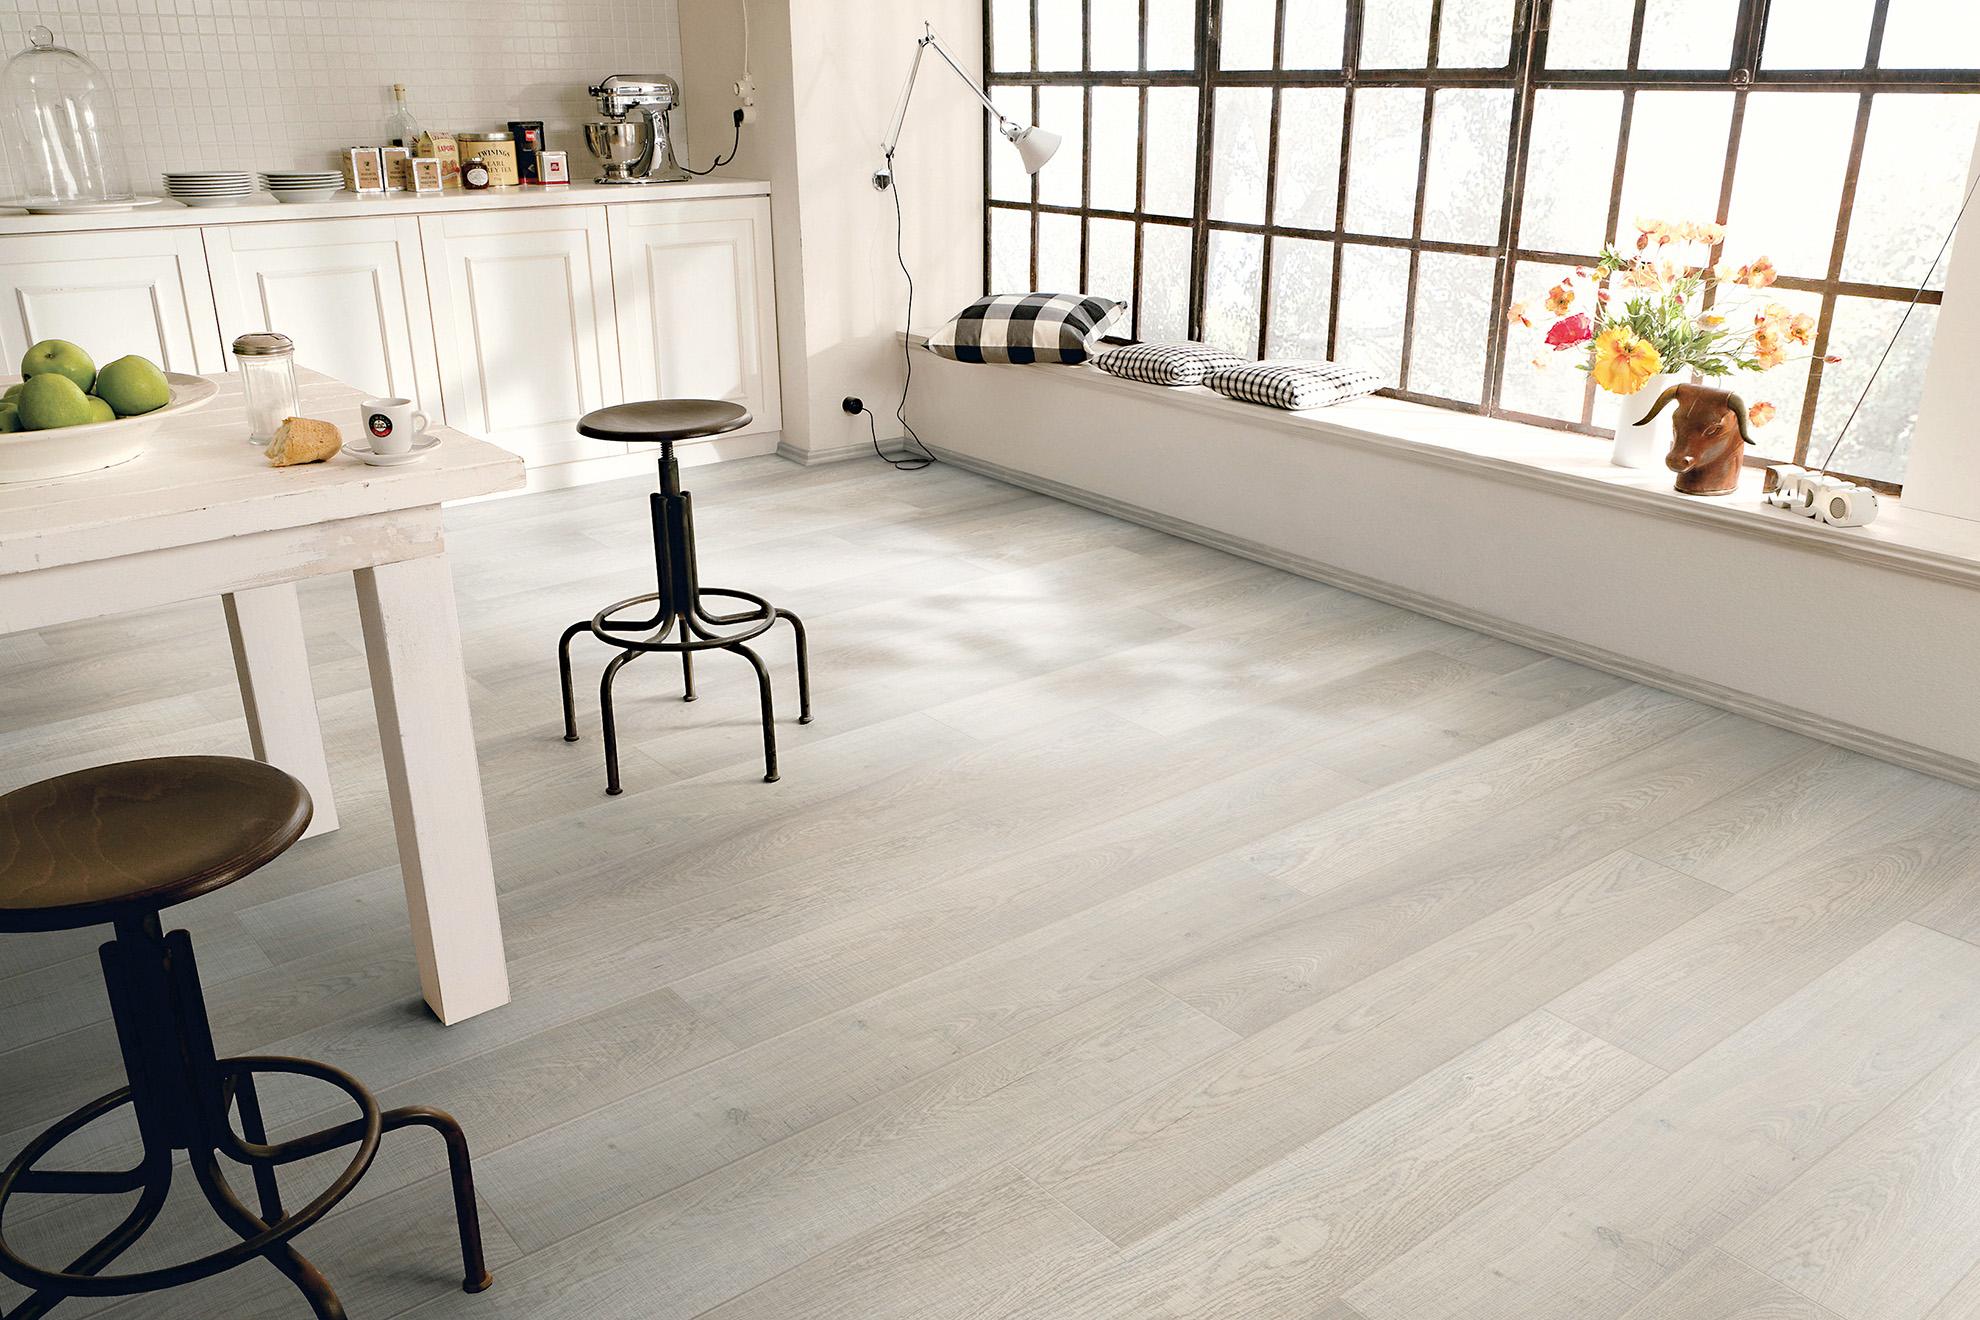 6 Looks For Laminate Flooring